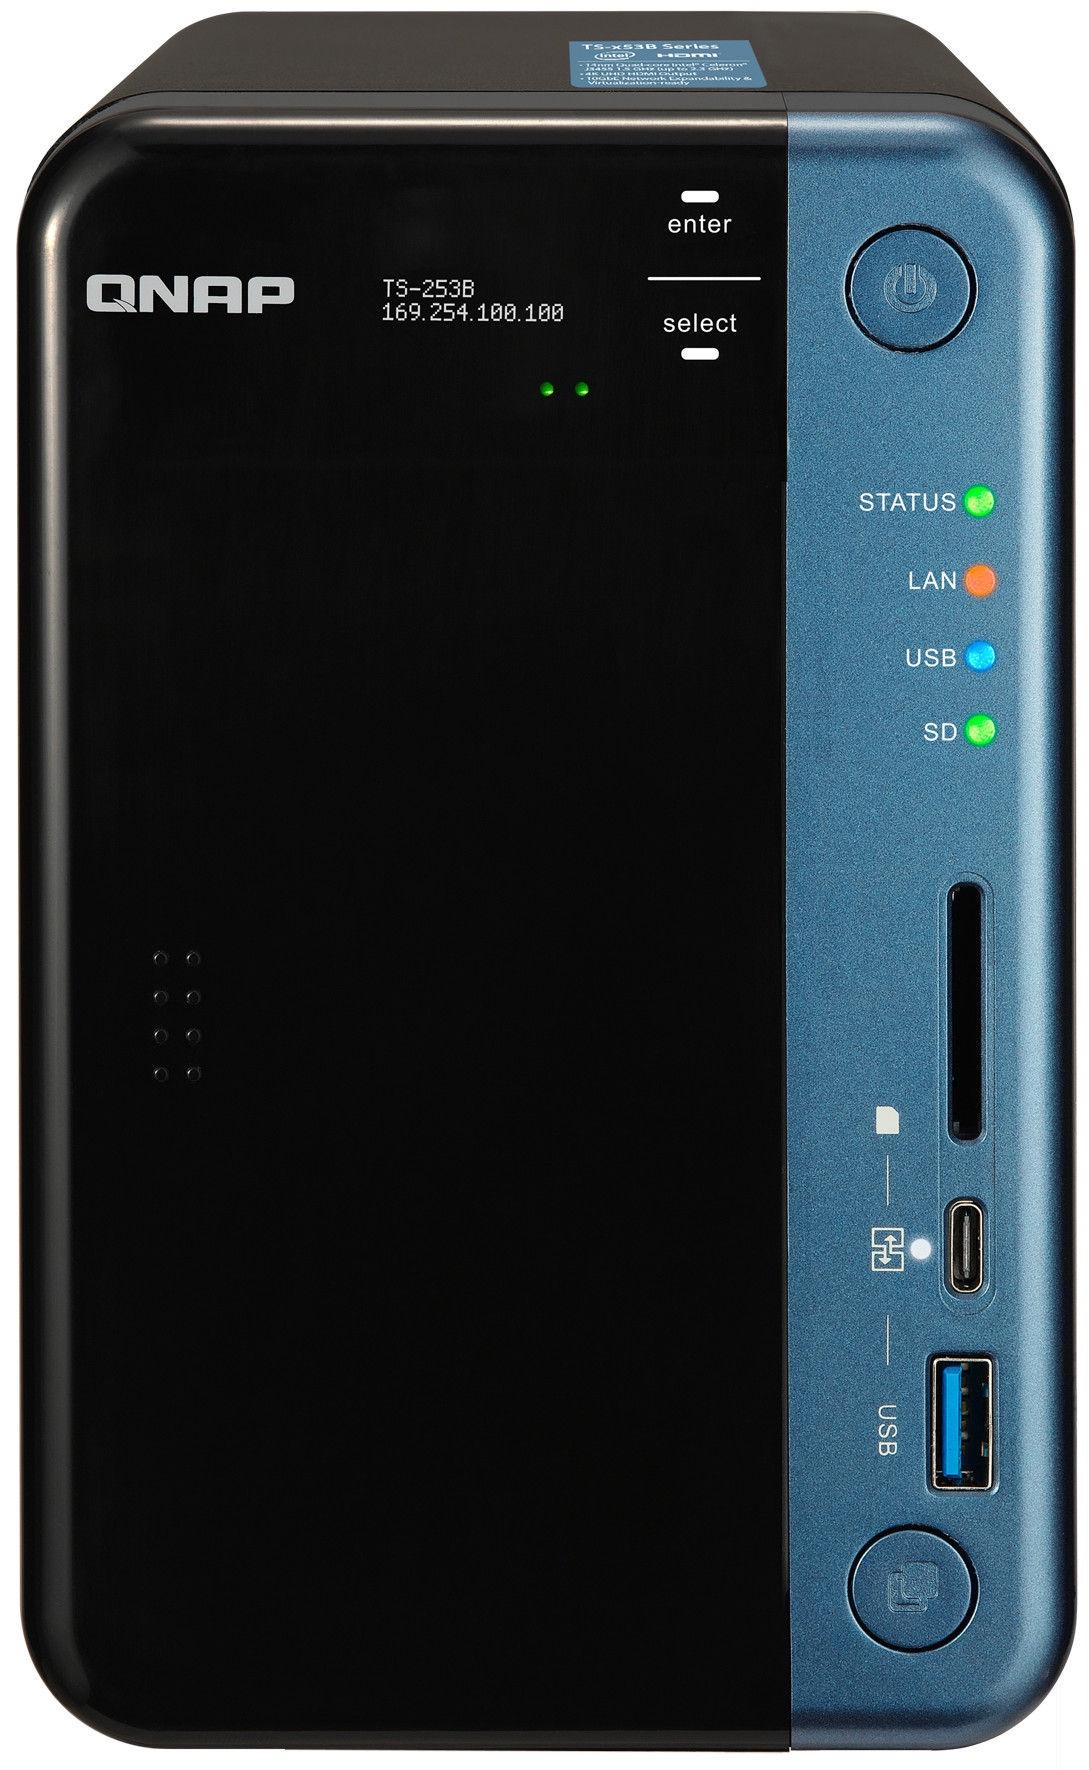 QNAP Systems TS-253B-4G 2-Bay NAS